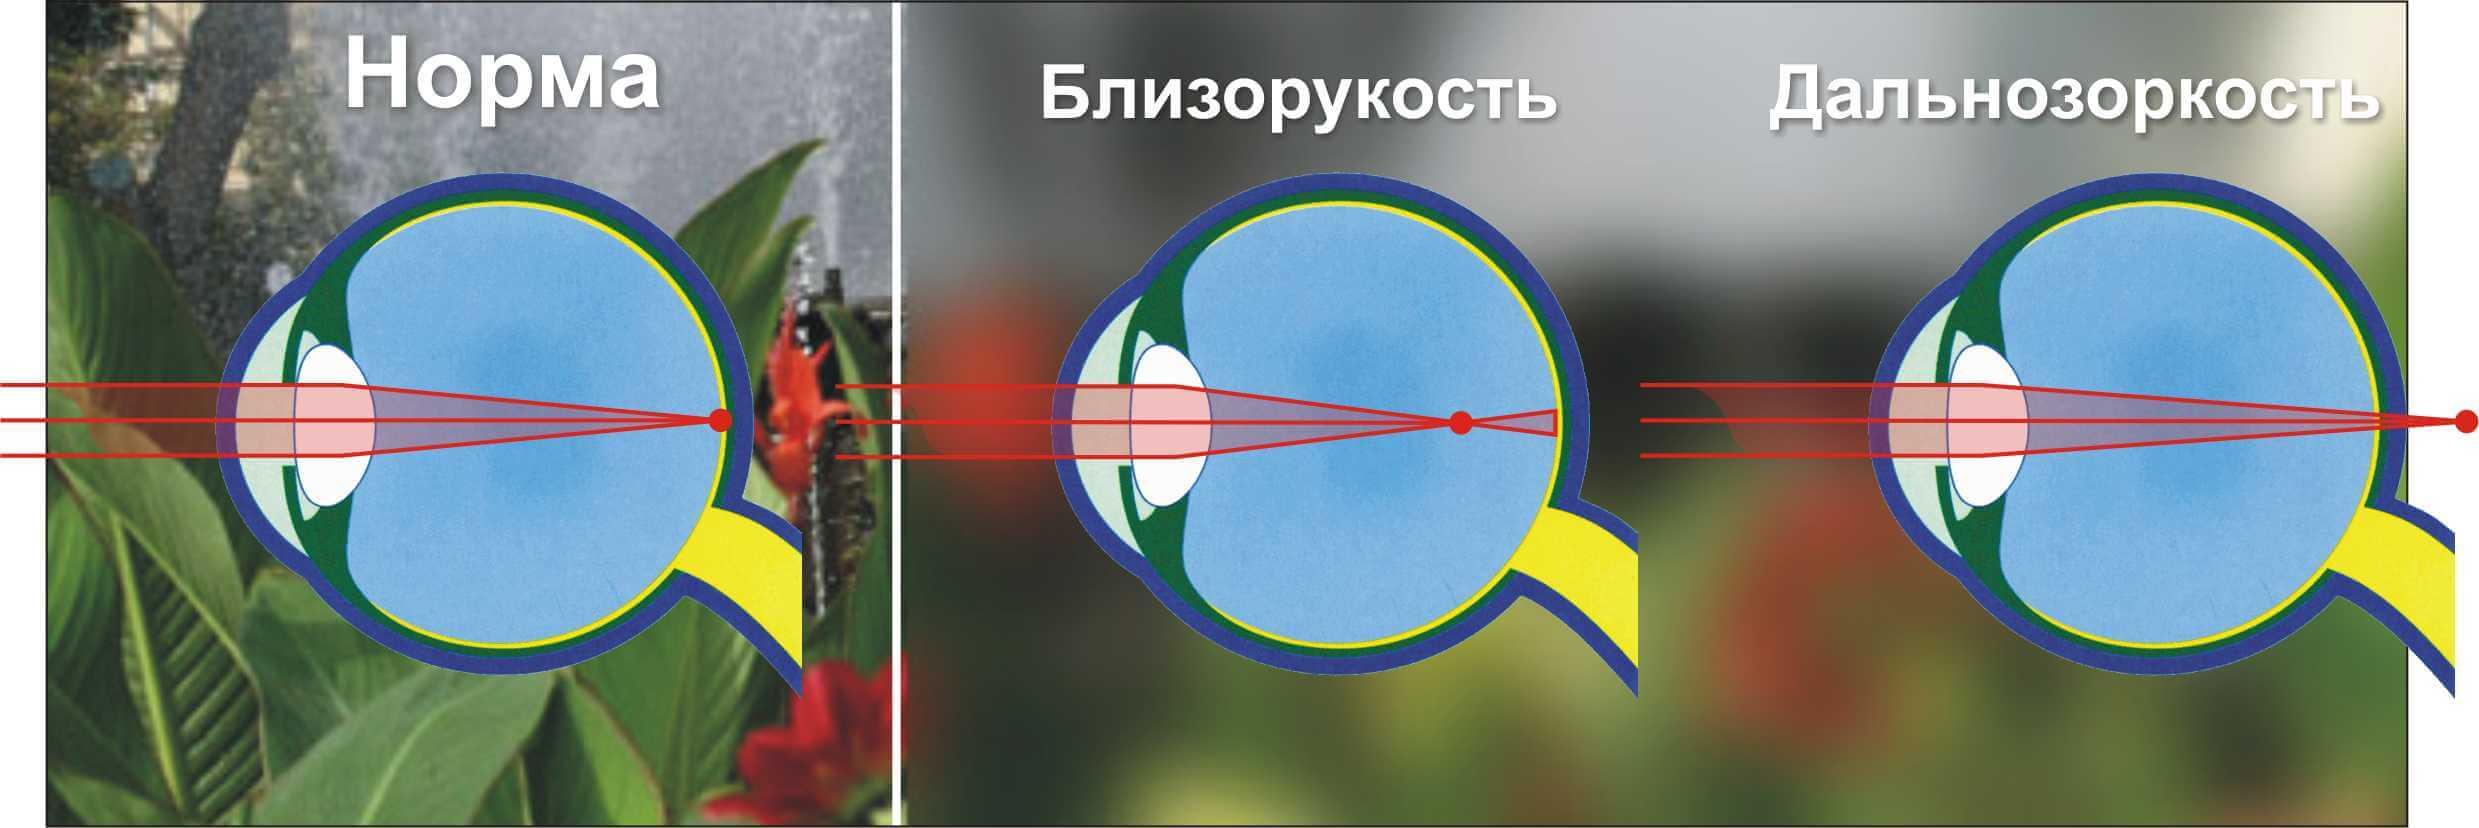 Чем близорукость отличается от дальнозоркости